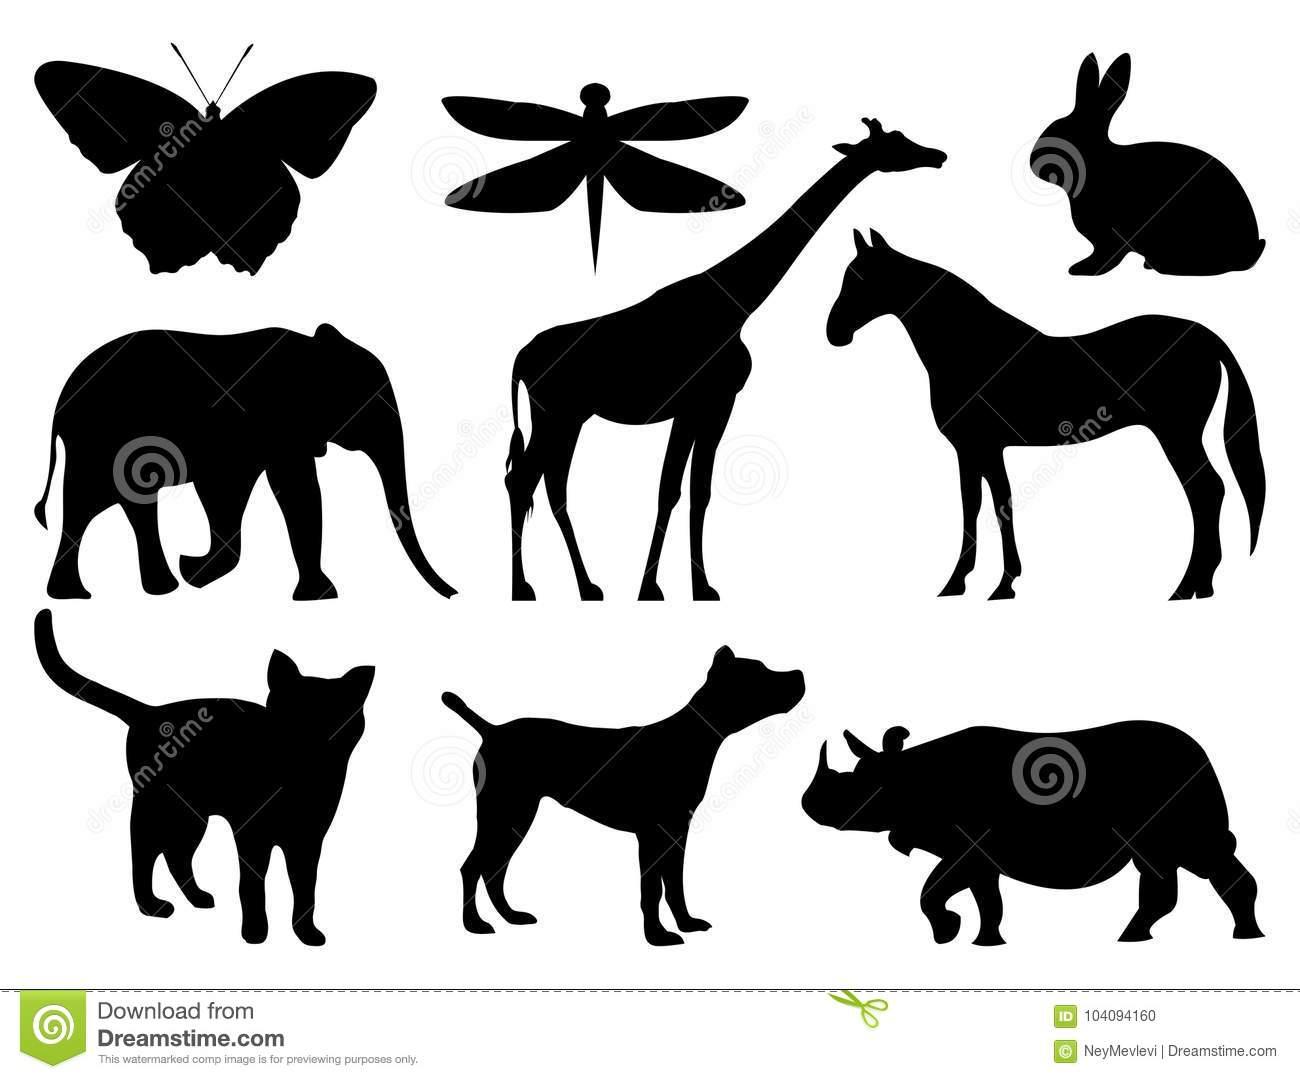 Les Animaux Silhouettent Pour L'éducation Illustration De serapportantà Apprendre Le Nom Des Animaux